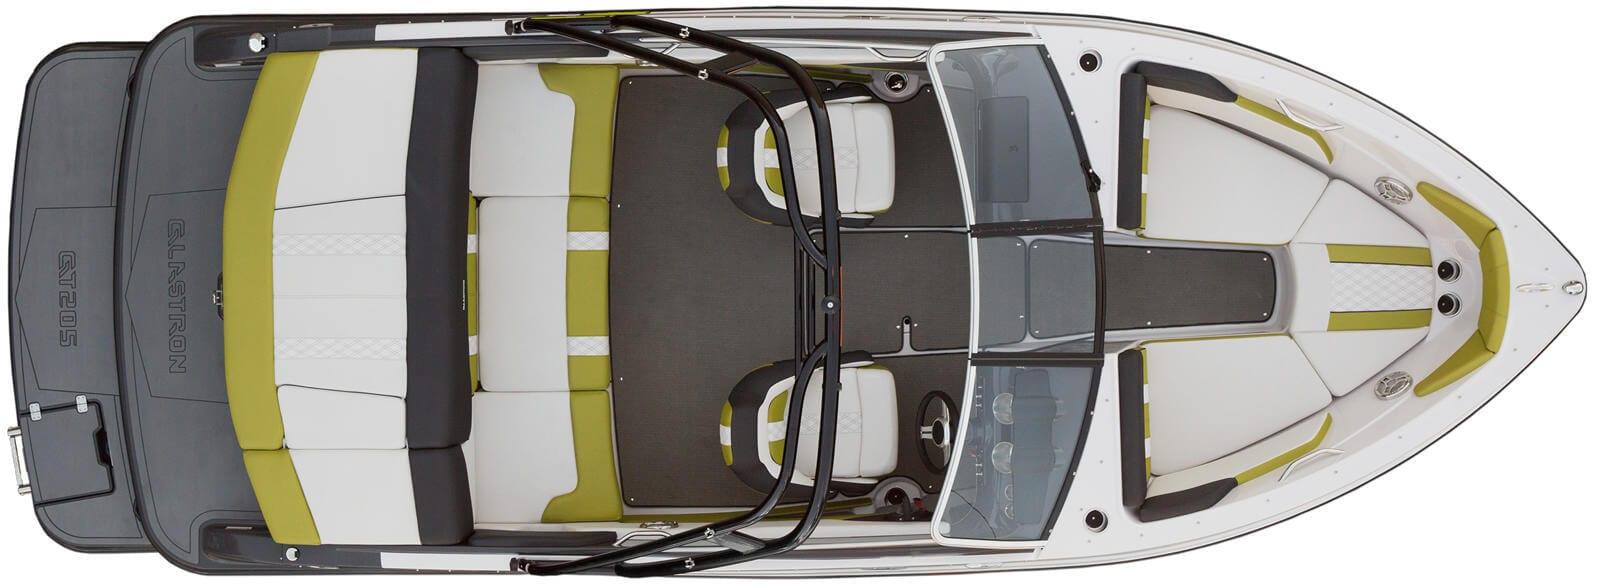 סירת ספורט Glastron 205 GT/GTS - סטרים יאכטות